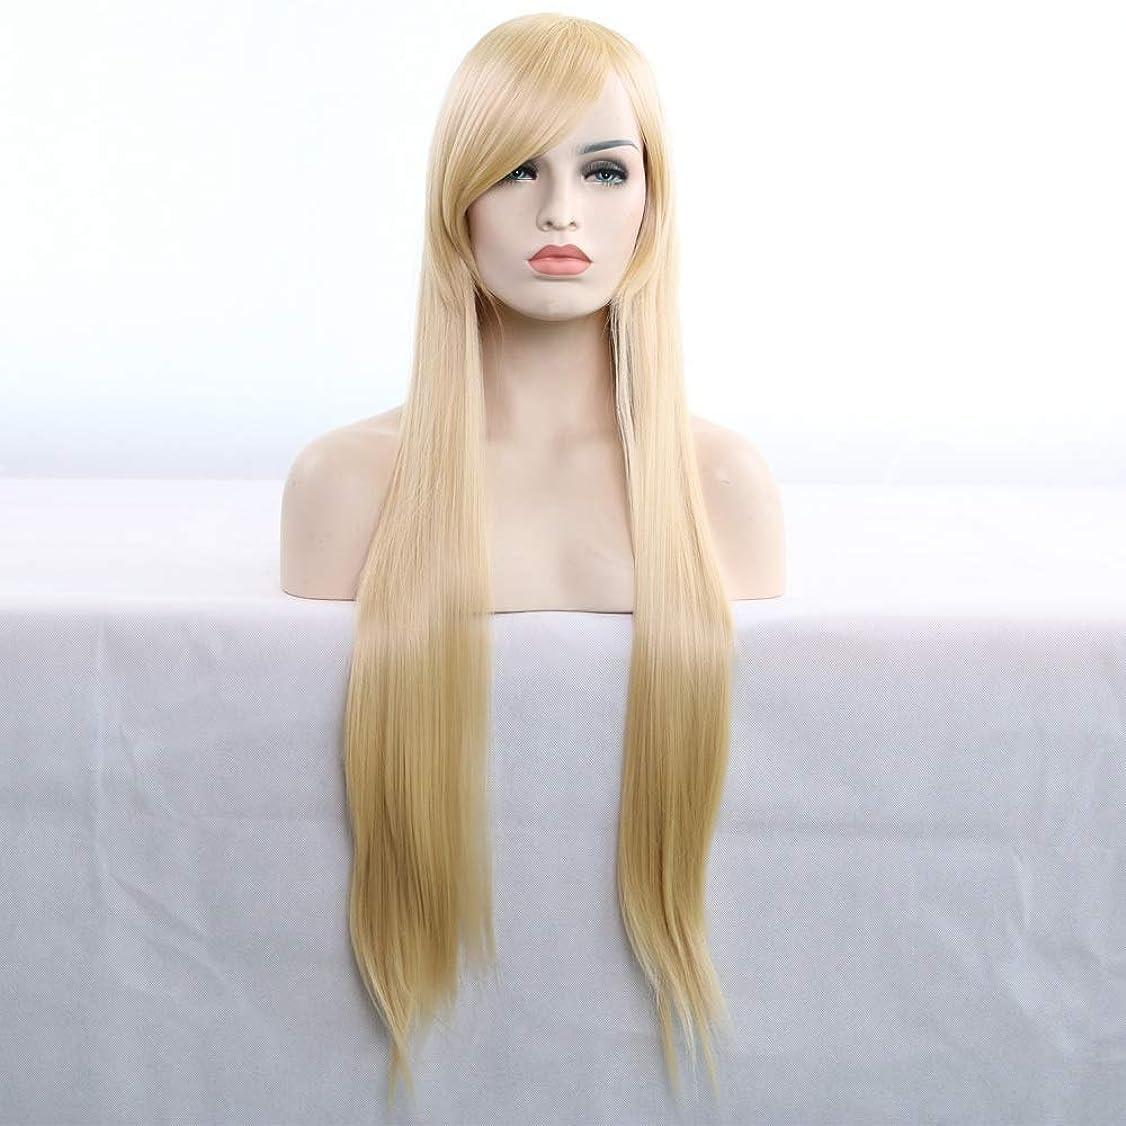 遅いスノーケルスペル女性用ロングナチュラルストレートヘアウィッグ31インチ人工毛替えウィッグハロウィンコスプレ衣装アニメパーティーウィッグ(ウィッグキャップ付き) (Color : Light gold)